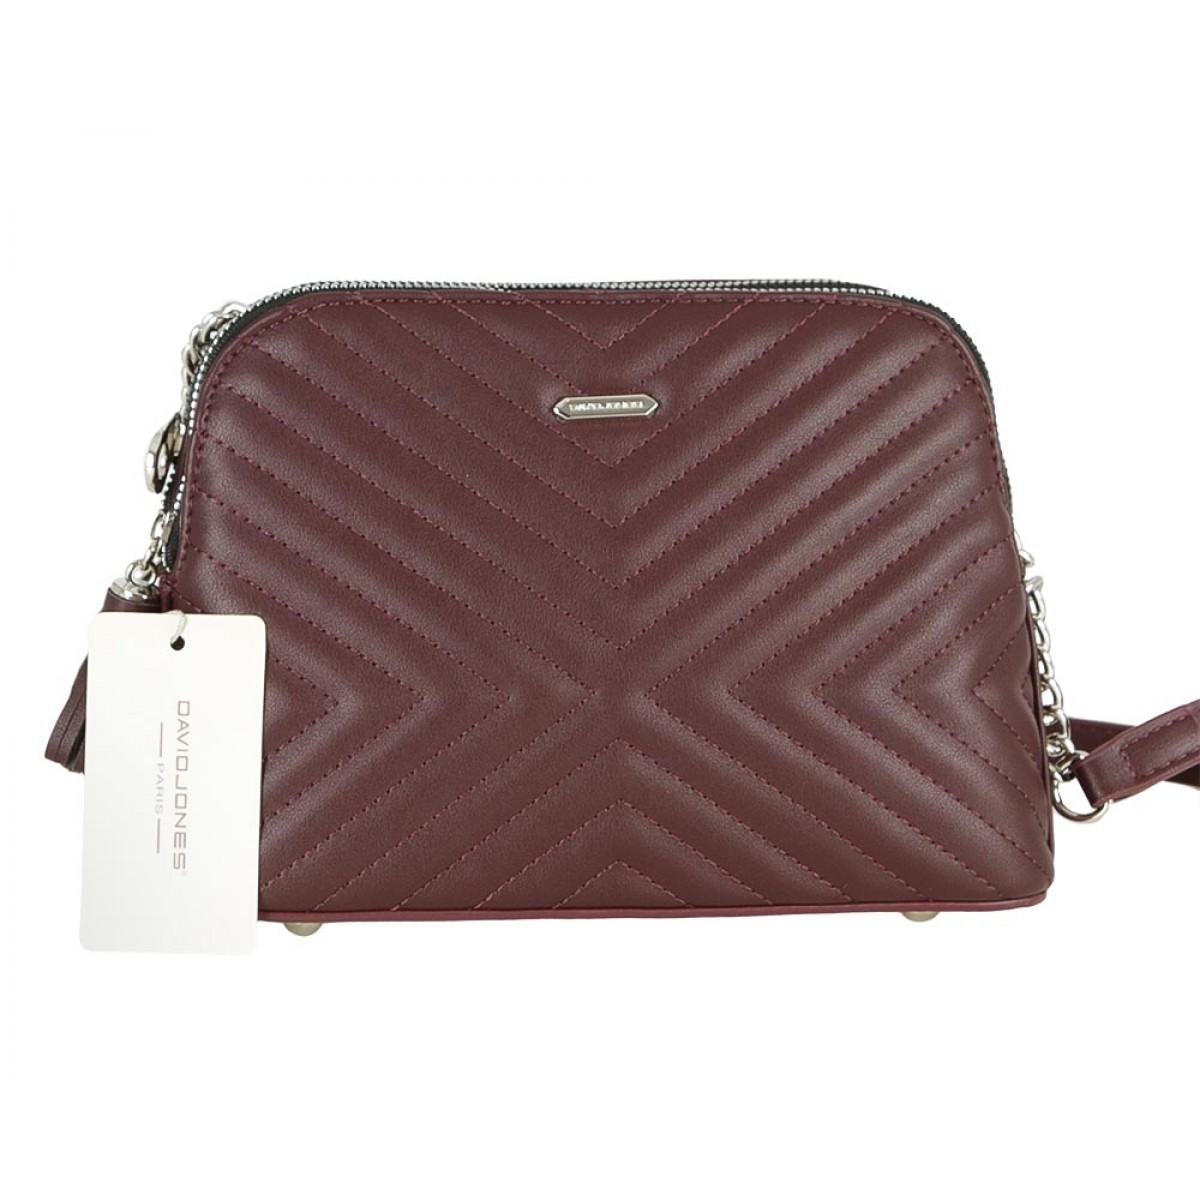 Жіноча сумка David Jones 6146-1 D.PURPLE